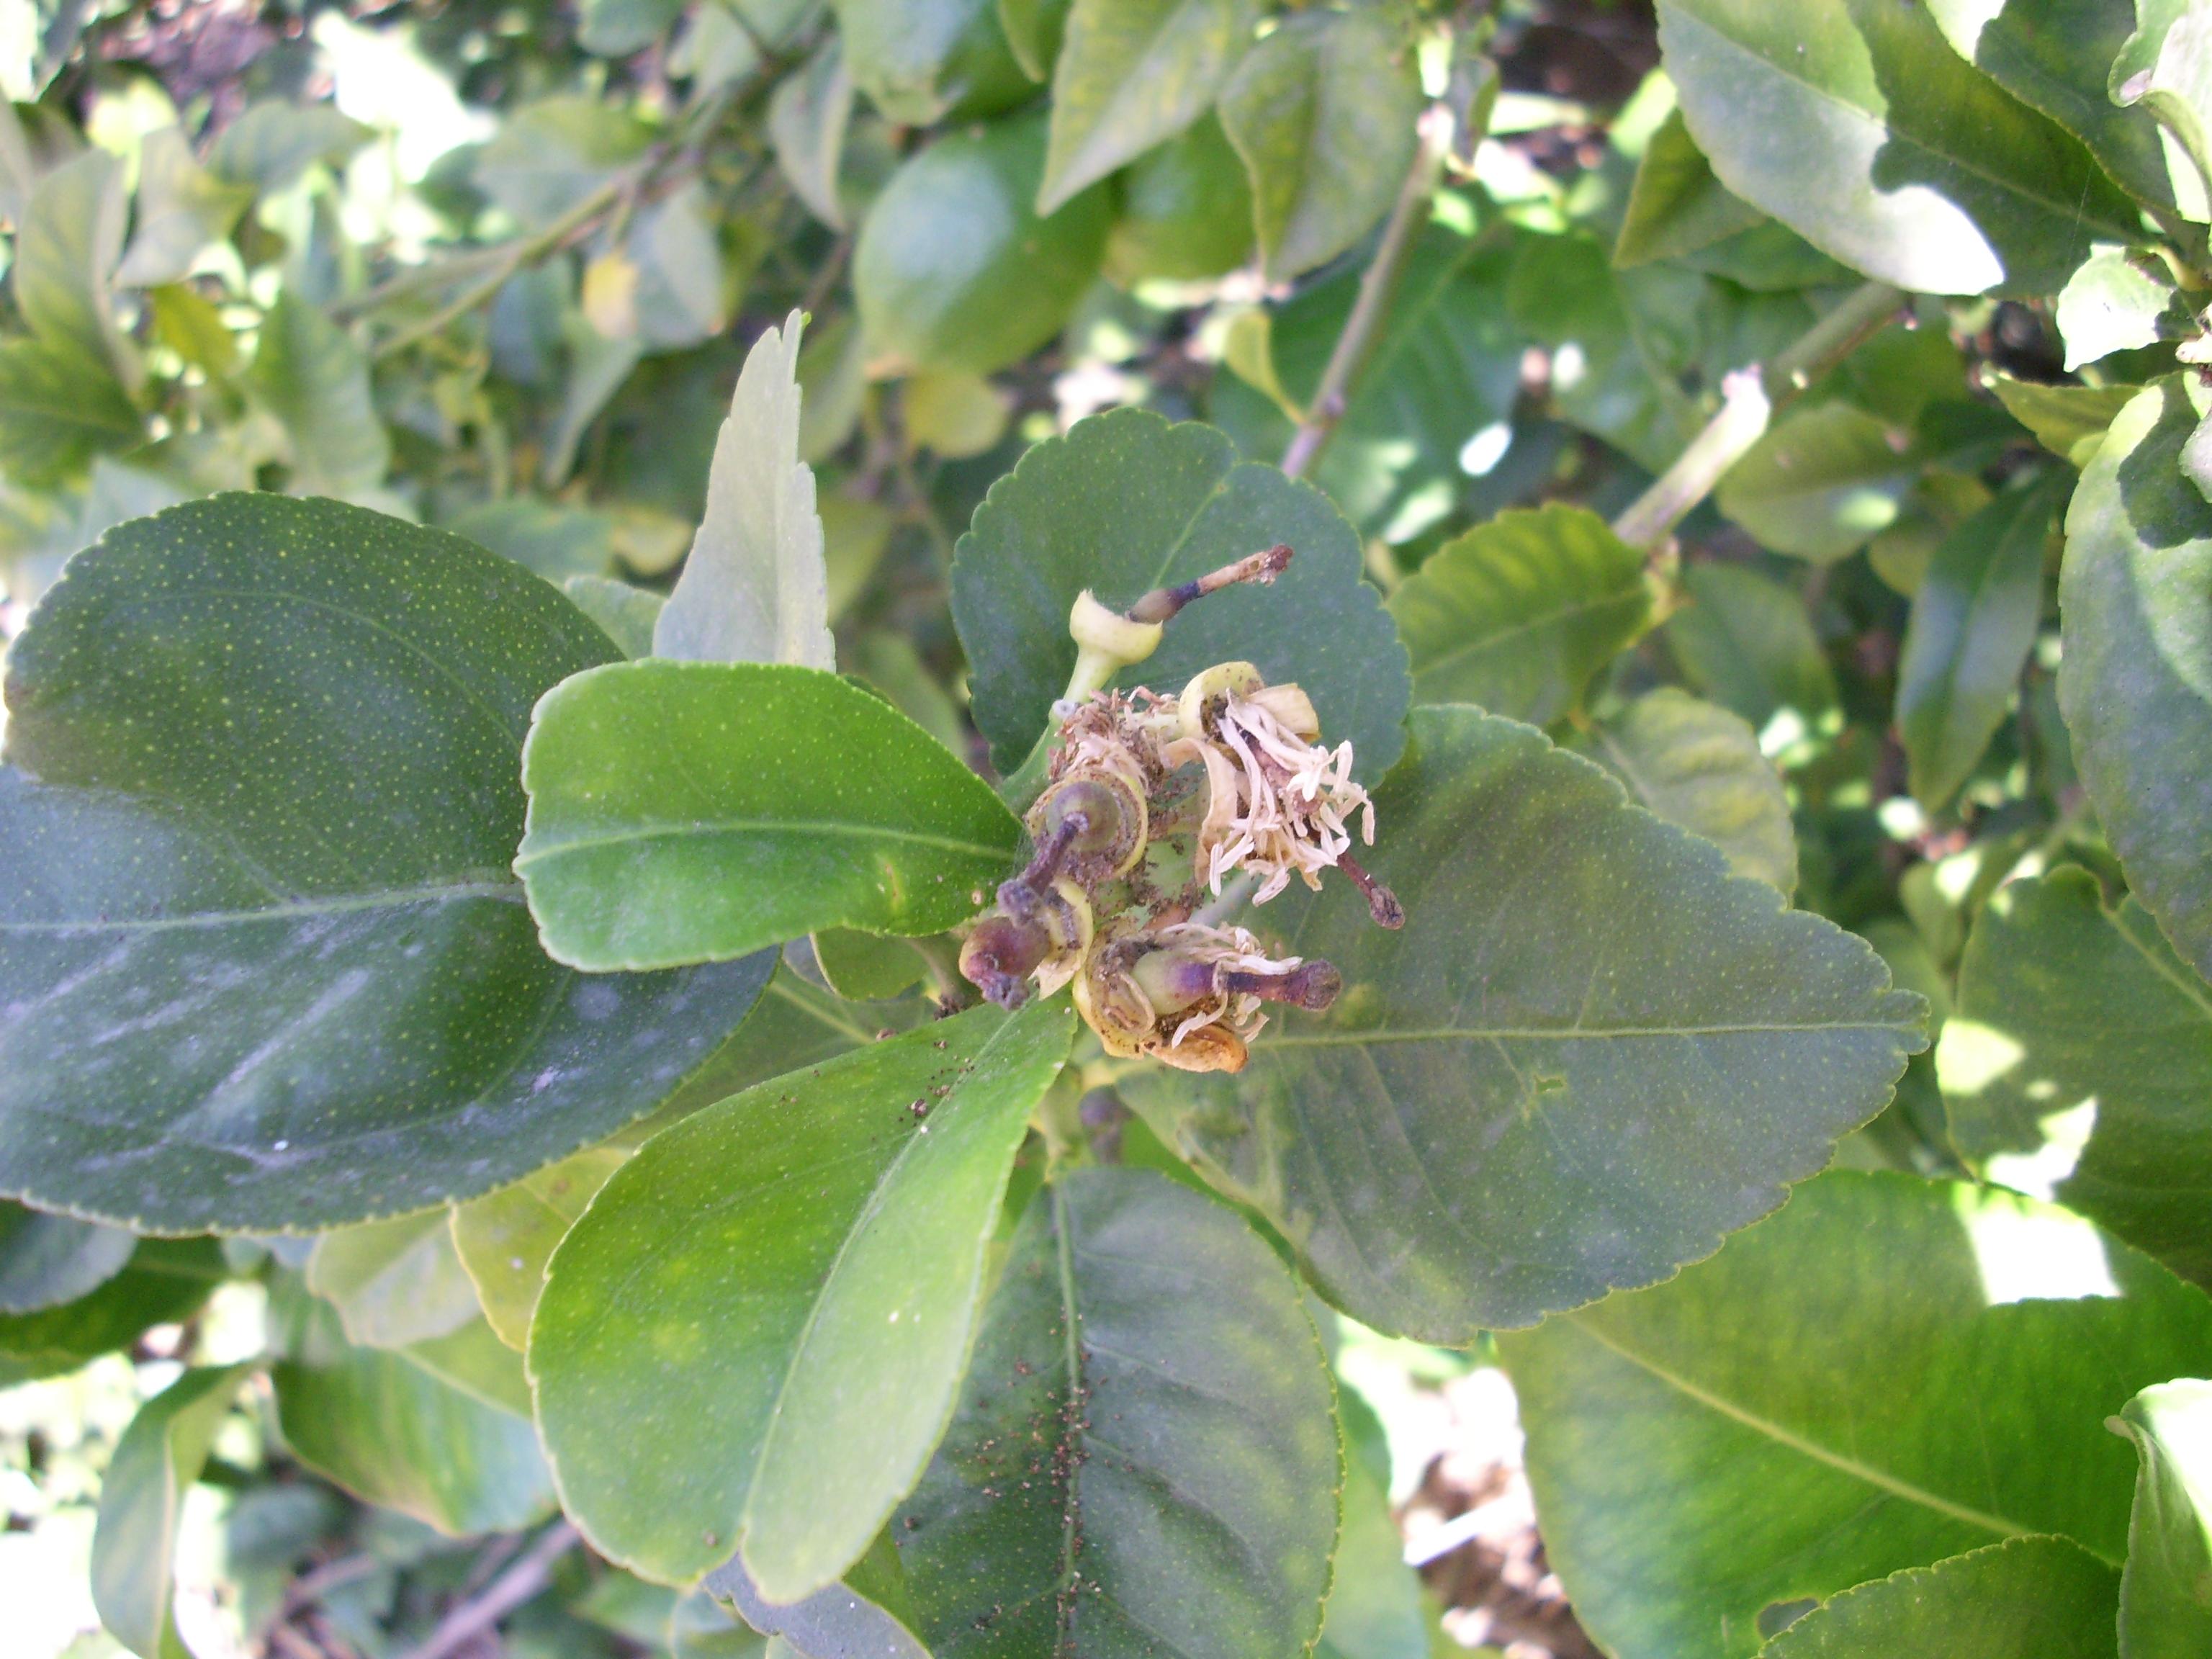 Polilla del limonero gip c tricos ivia for Enfermedades citricos fotos